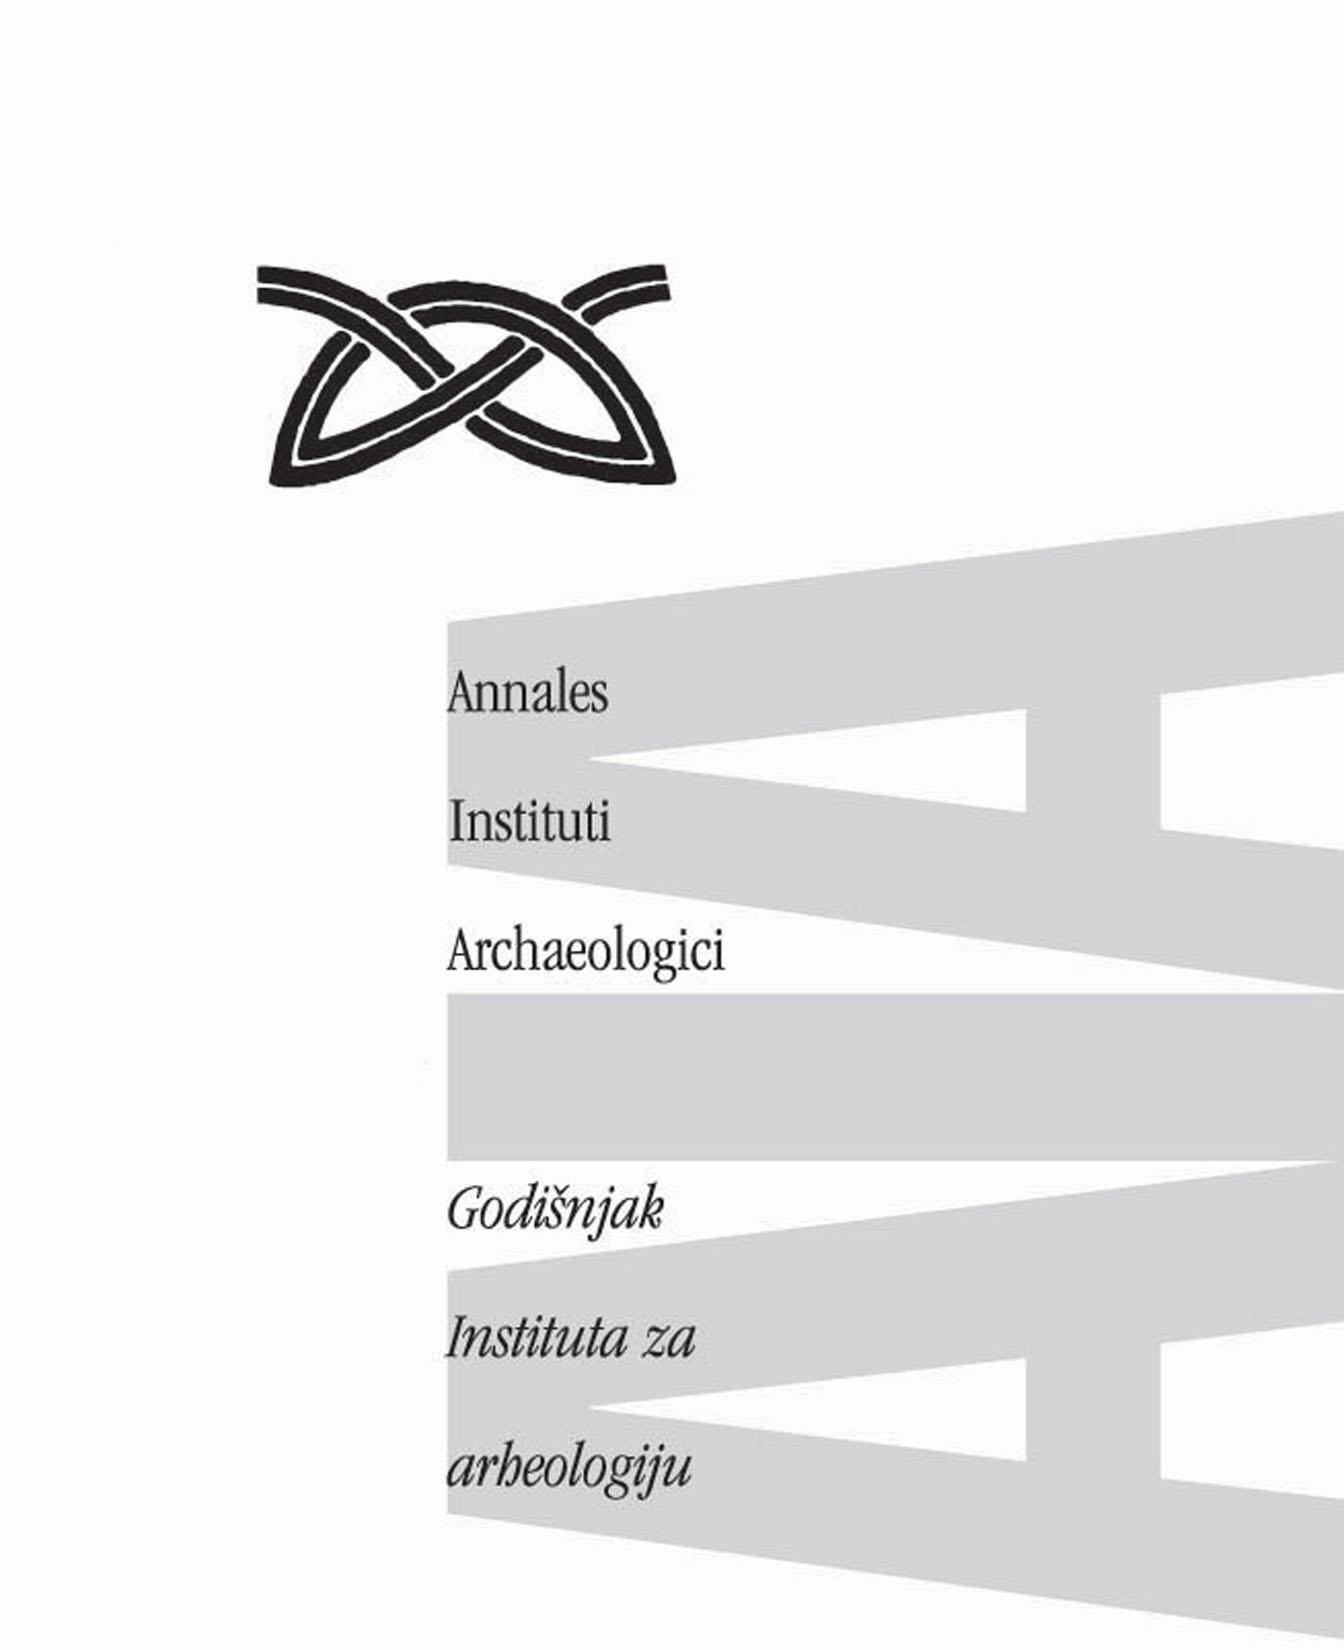 anali.jpg